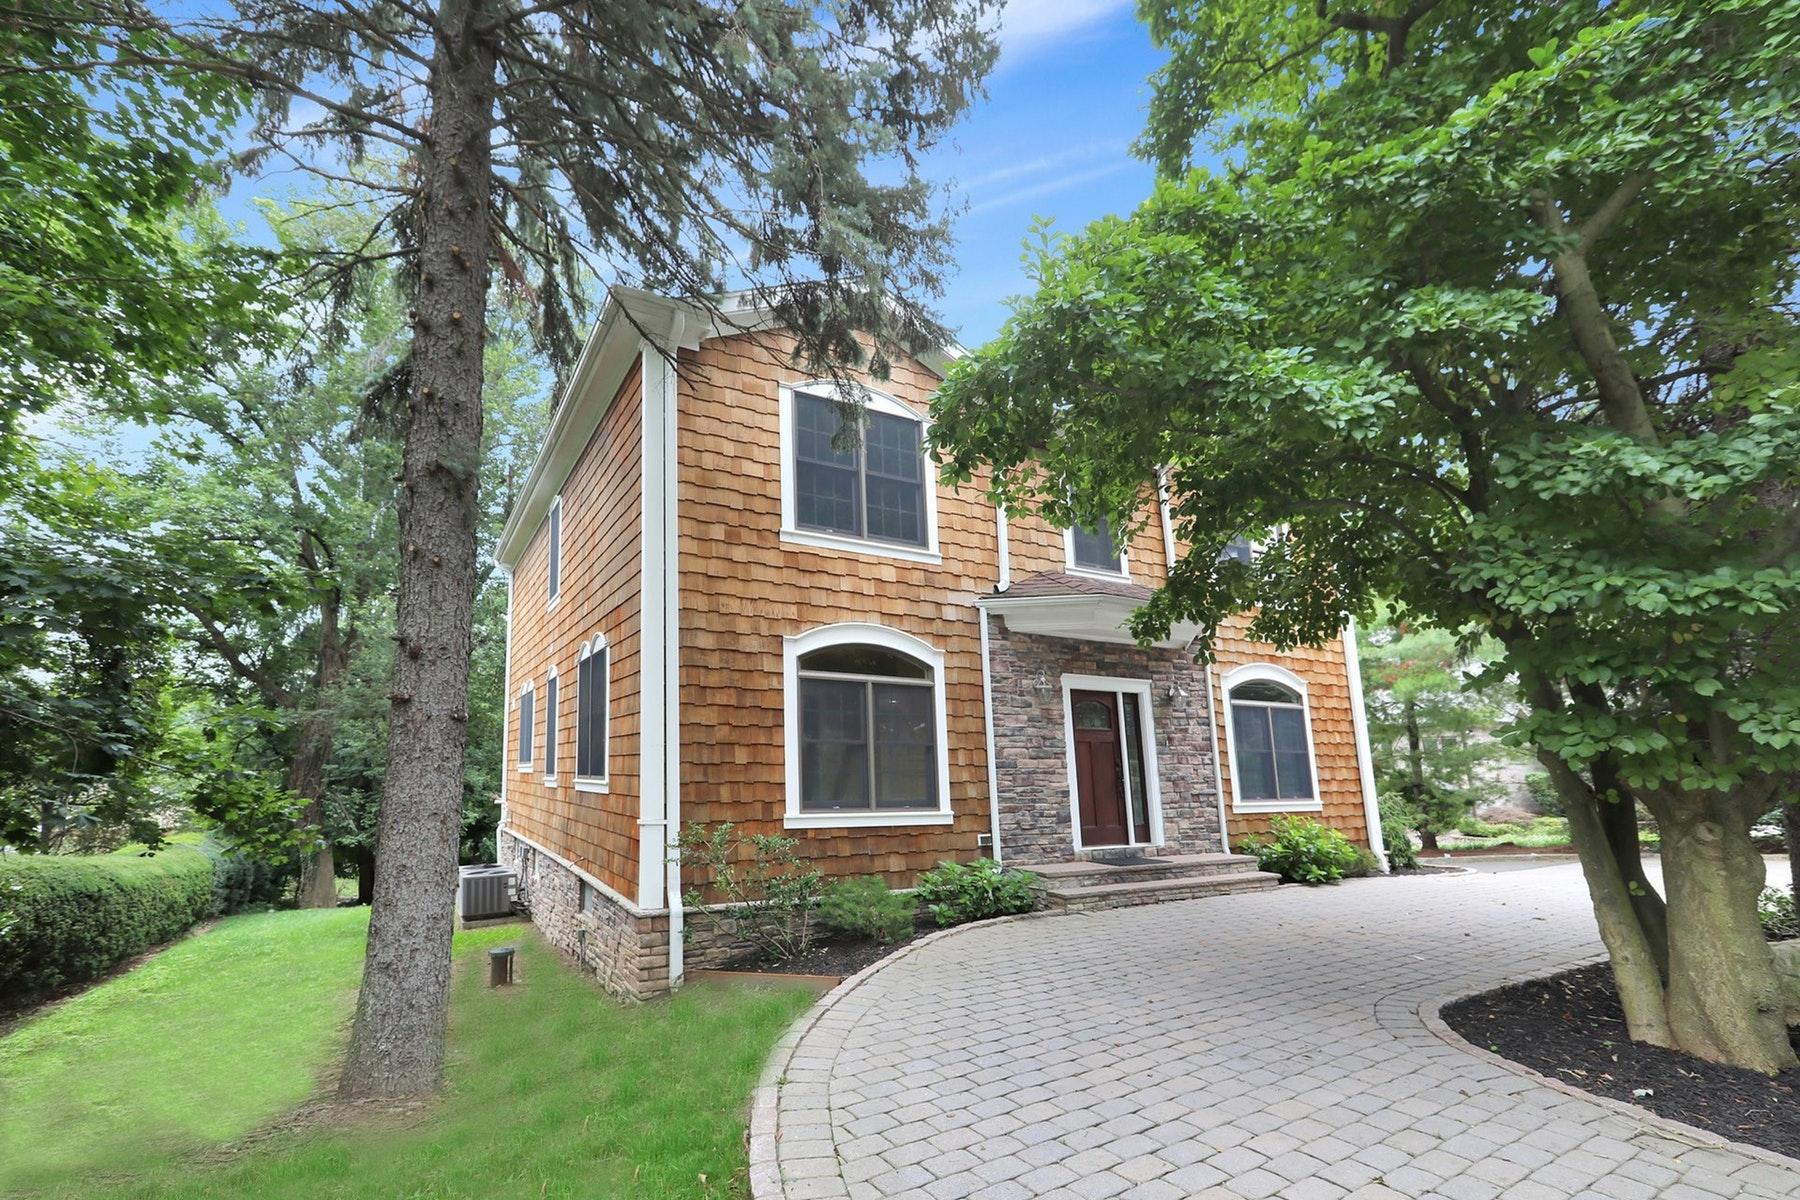 独户住宅 为 销售 在 Beautiful Colonial Home With Large Open Floor Plan, No Details Have Been Spared. 546 Russell Avenue 科夫, 新泽西州 07481 美国